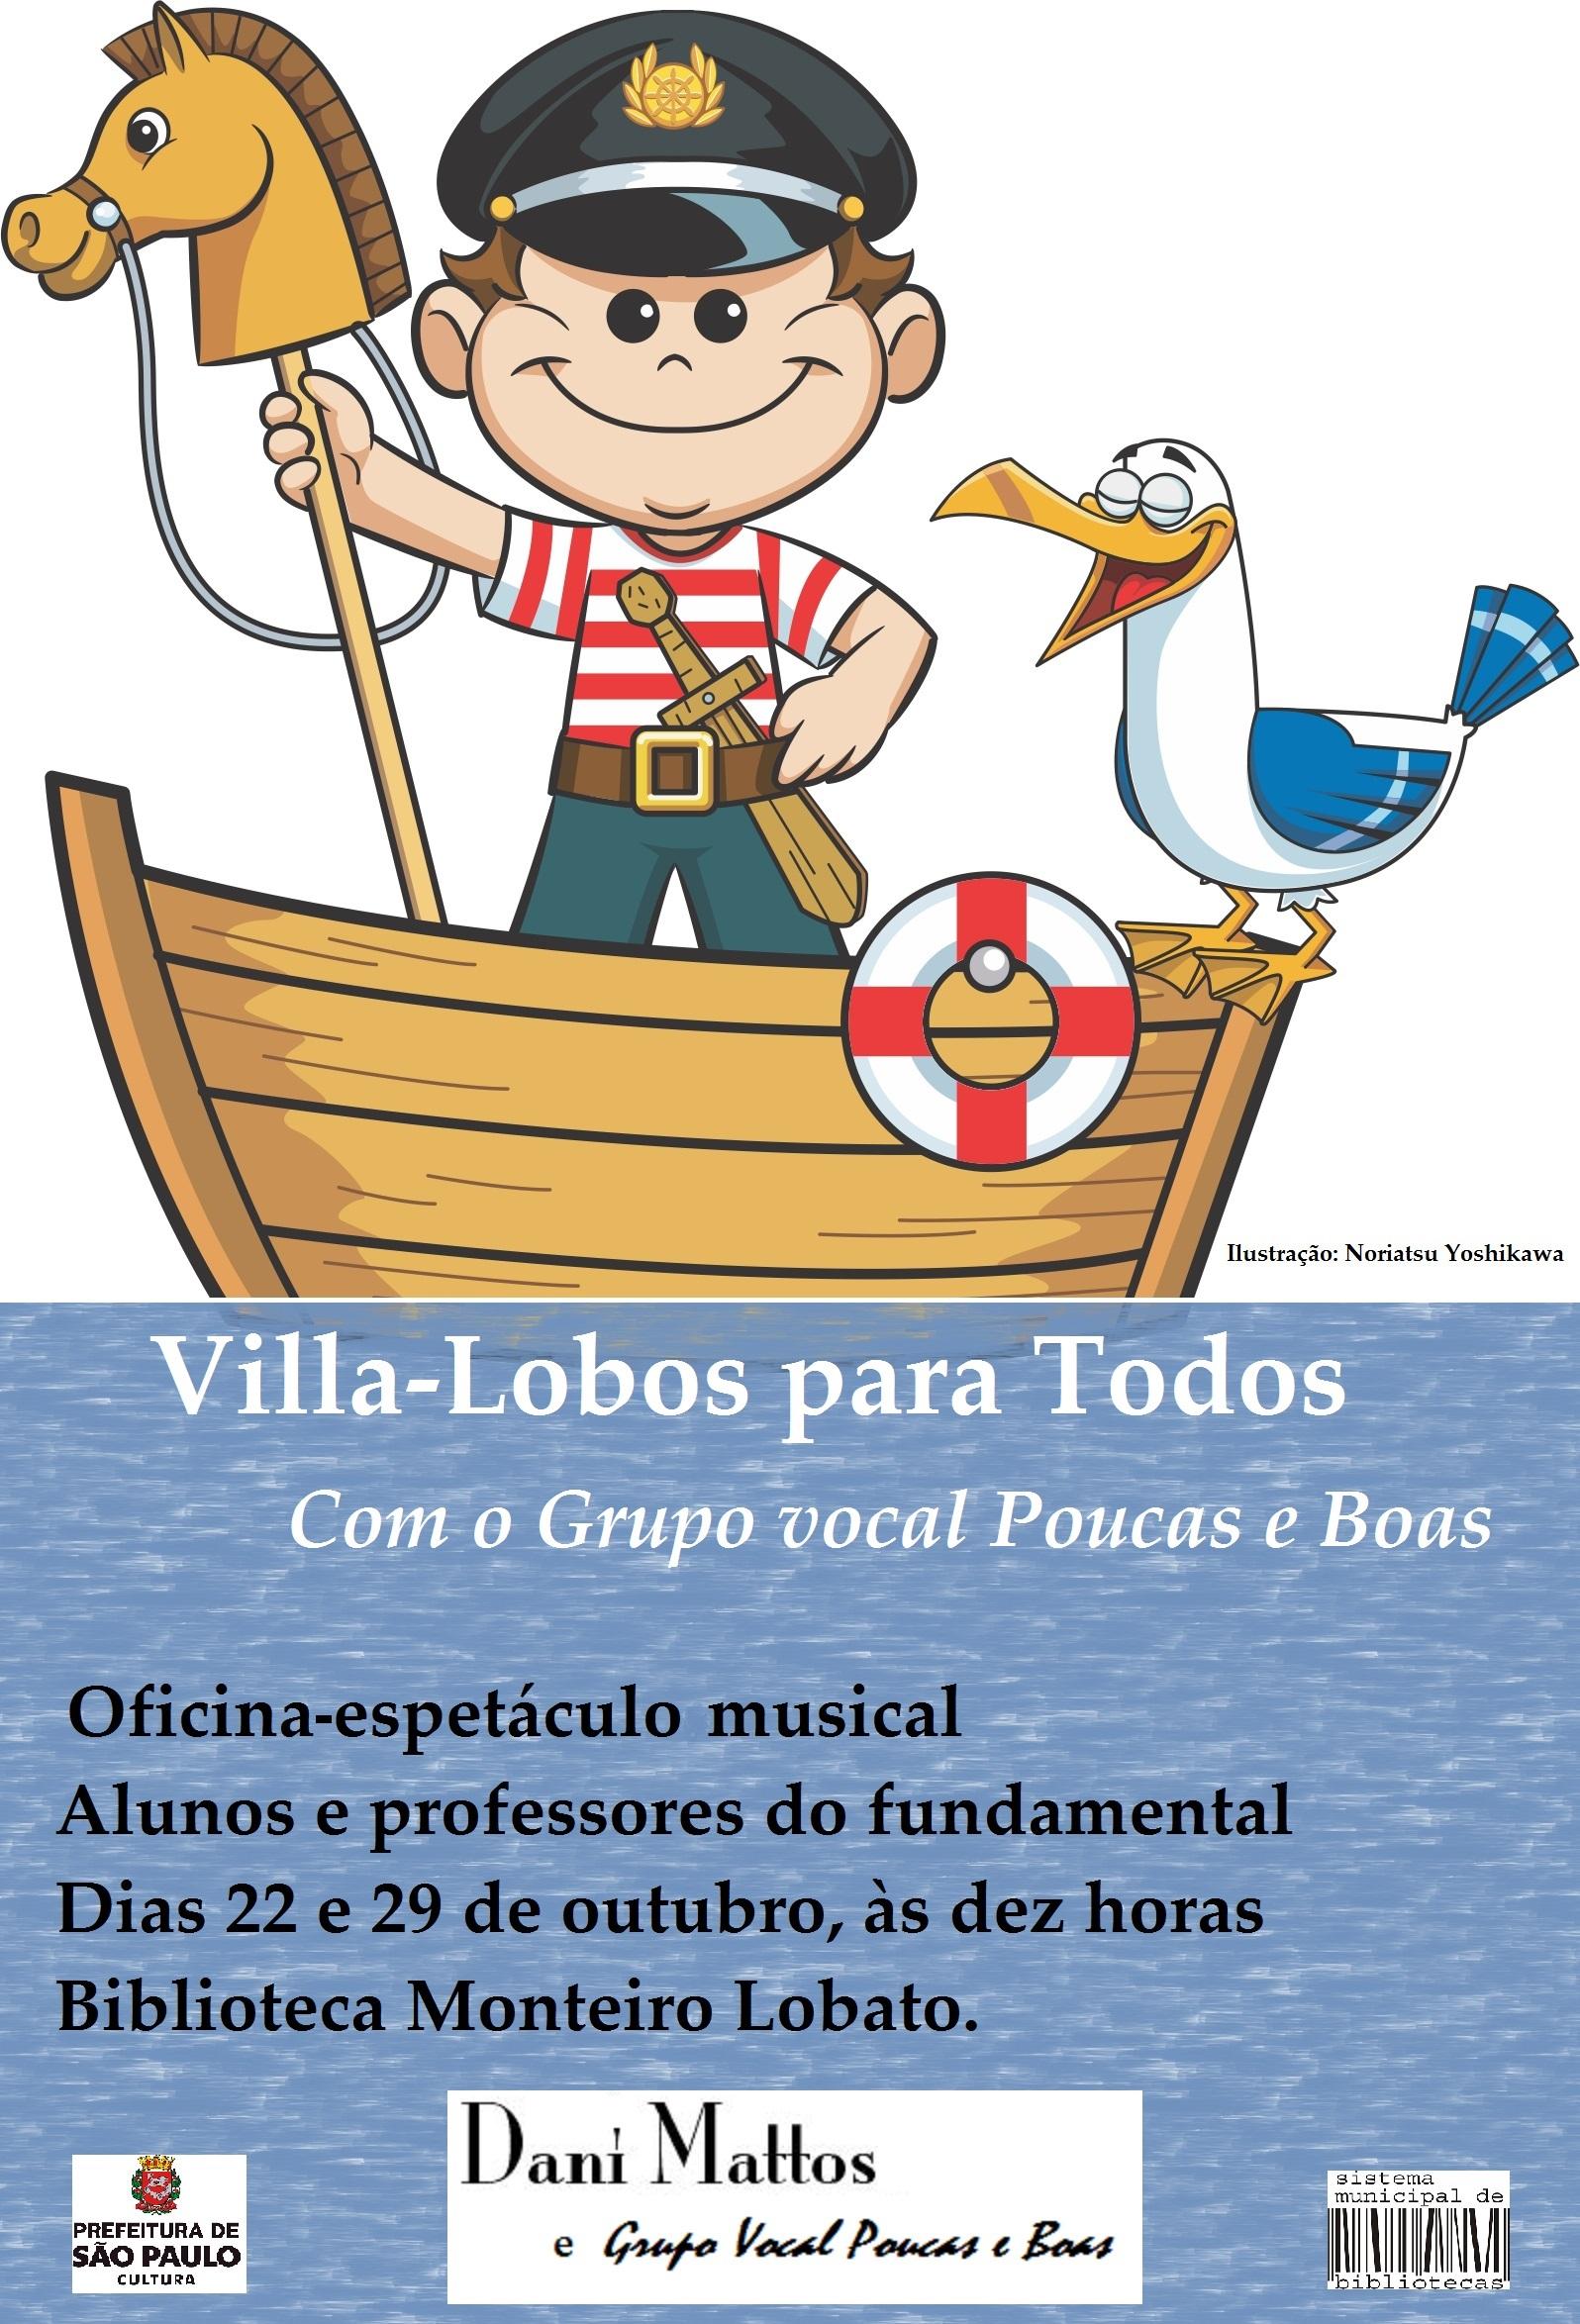 Cartaz II VilLa Lobos